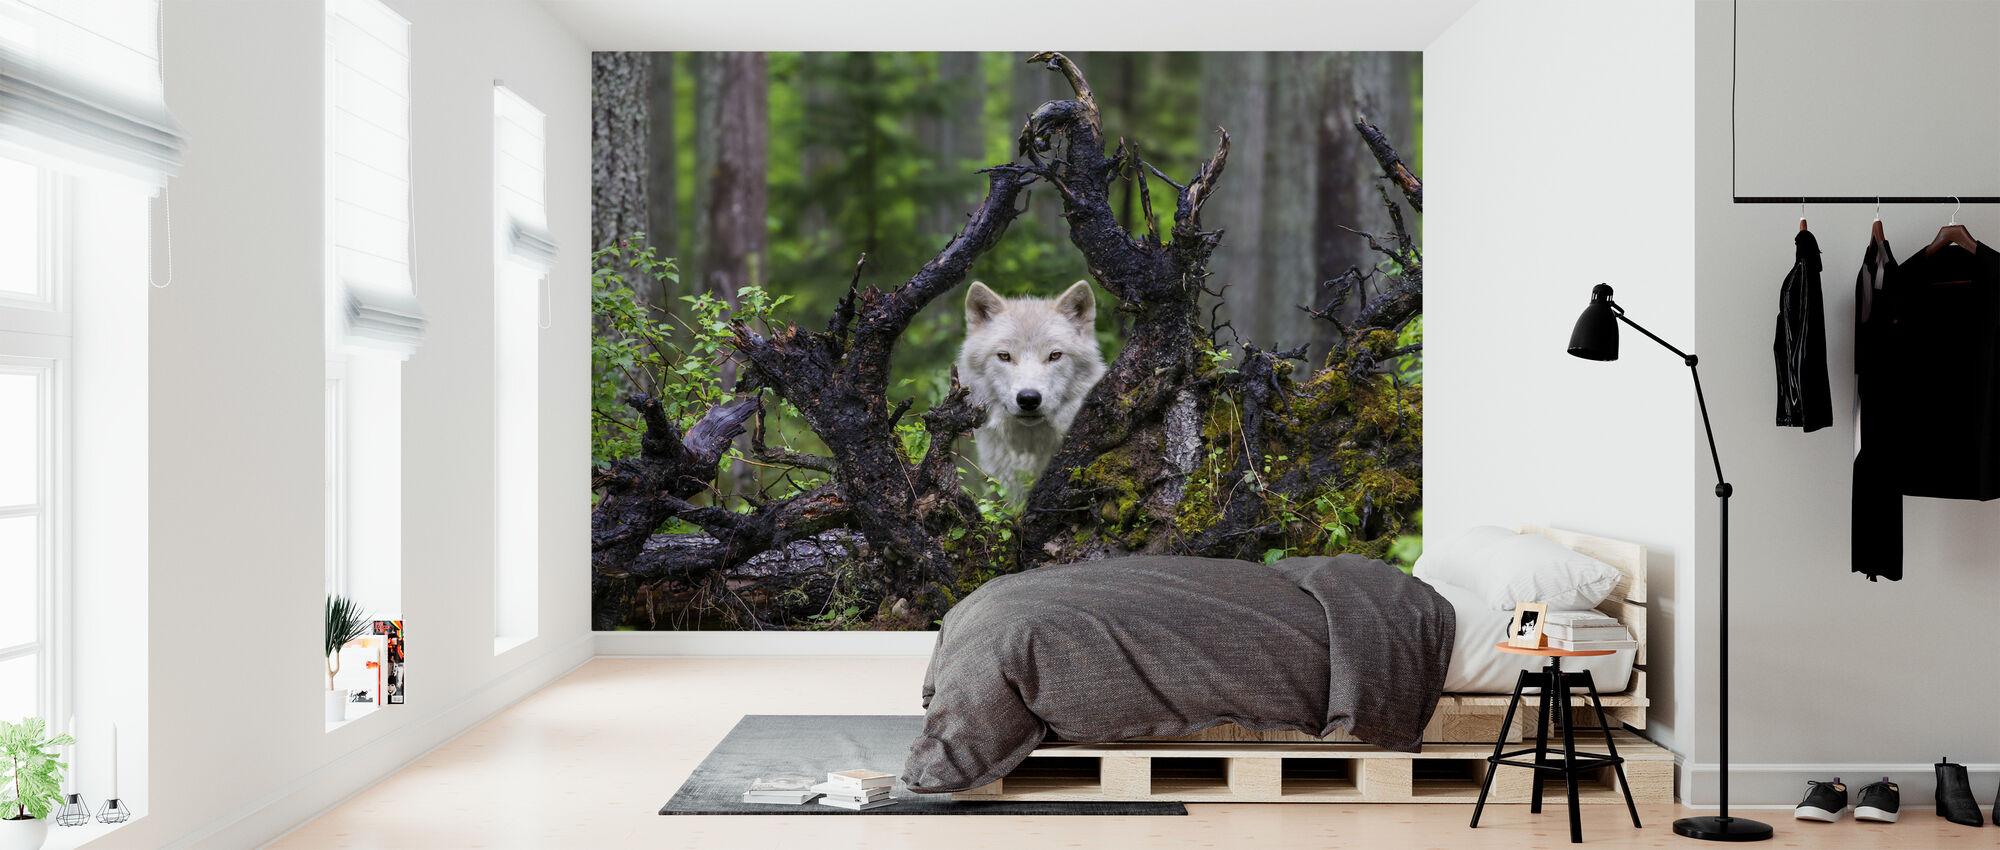 Wolf - Wallpaper - Bedroom